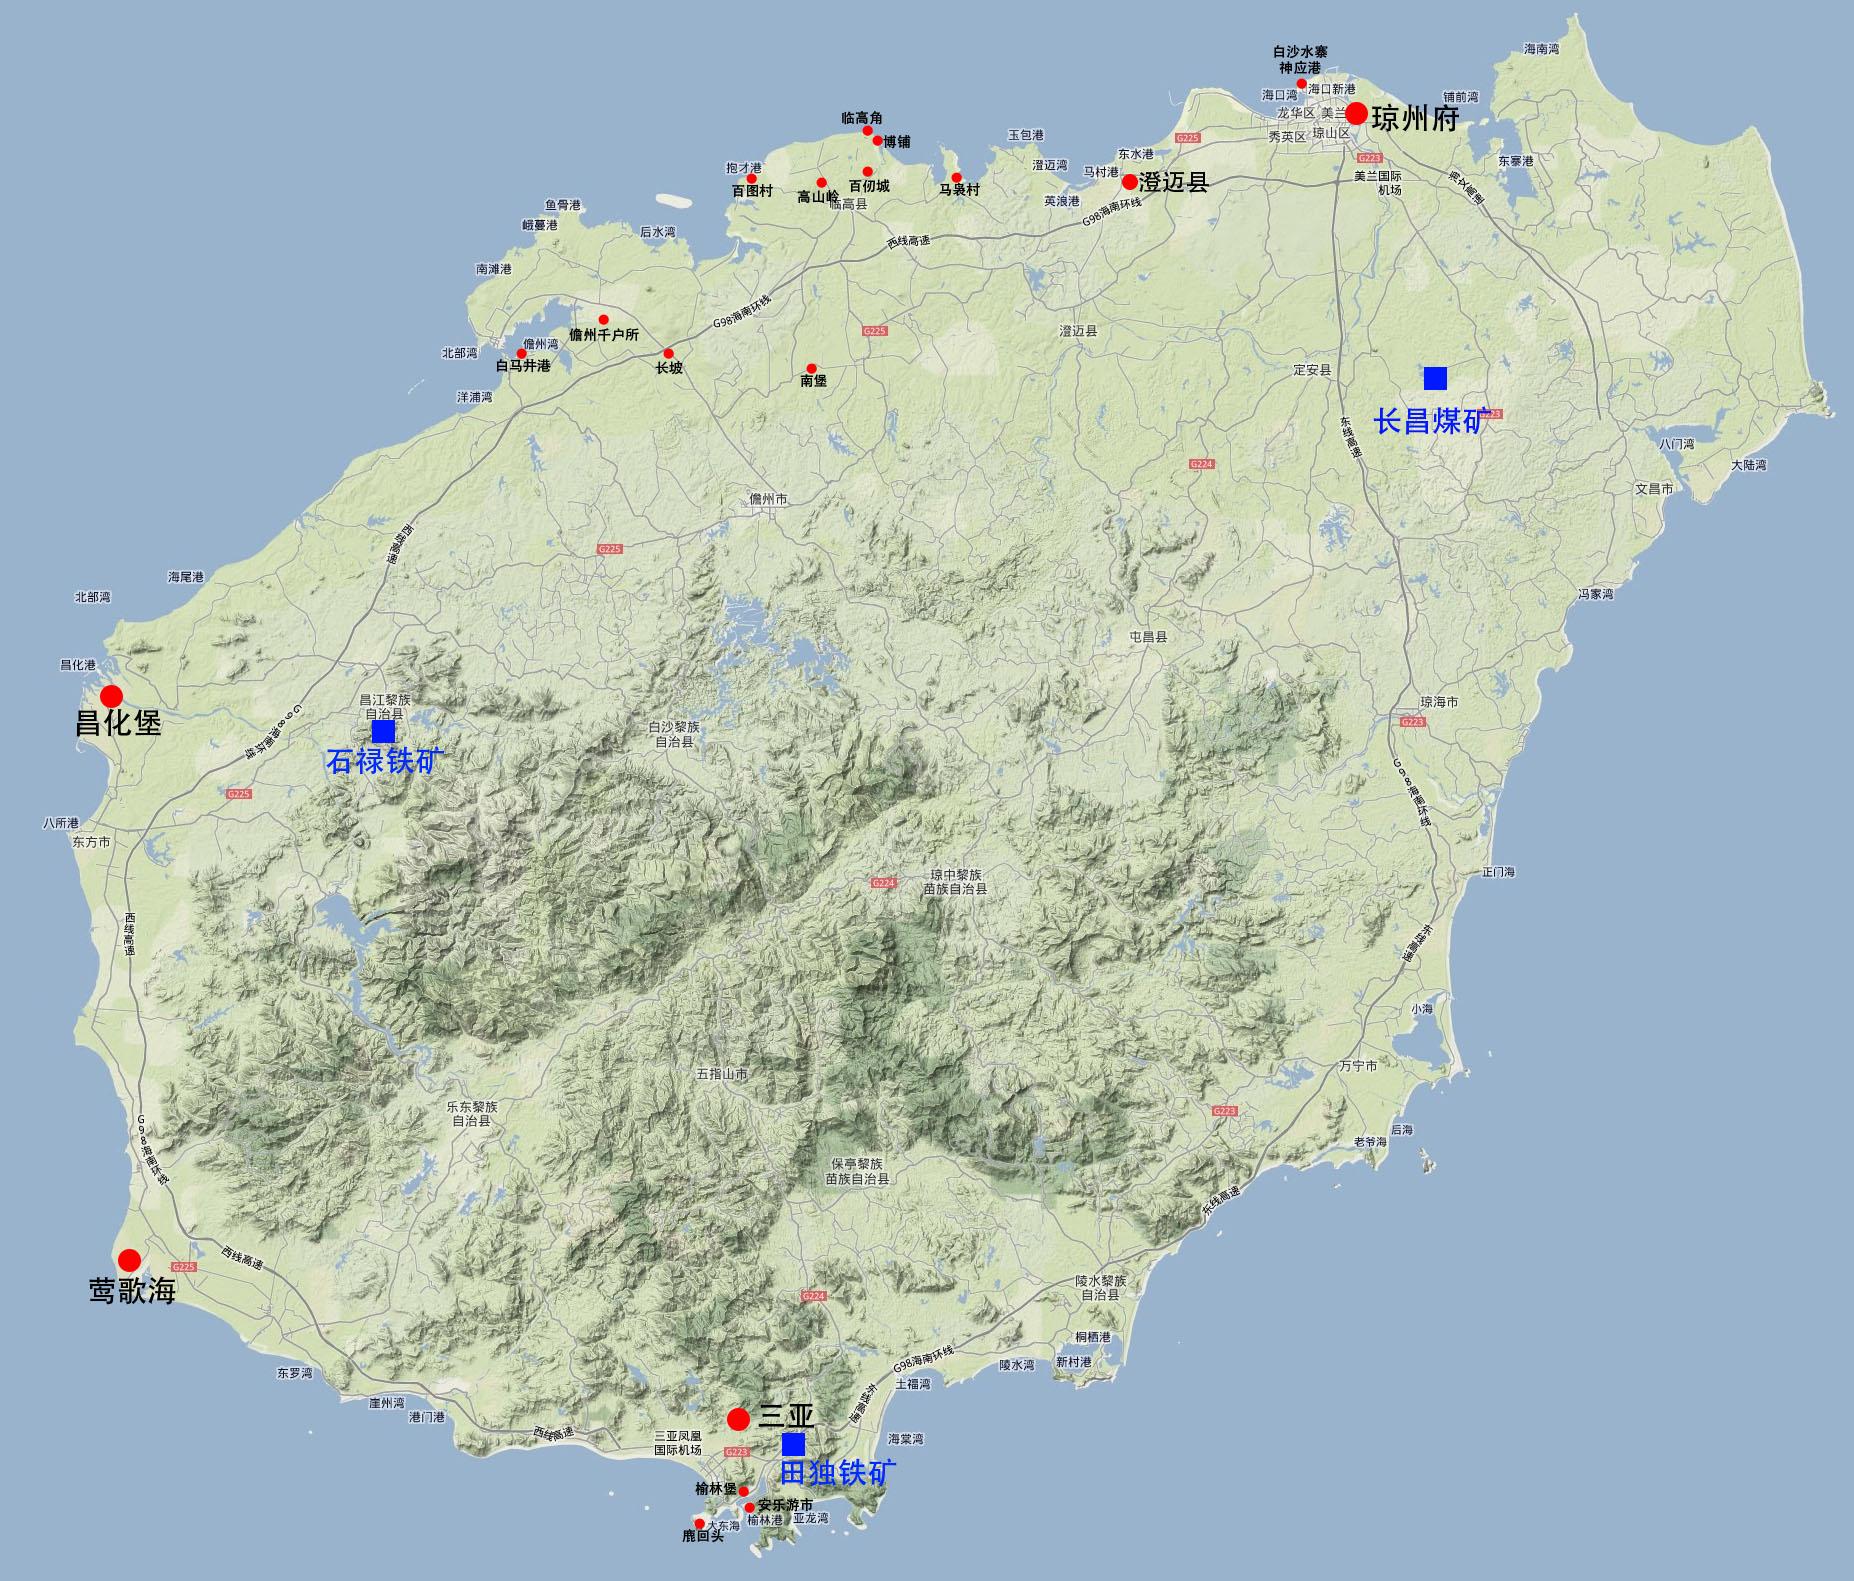 海南岛卫星图_海南地图查询